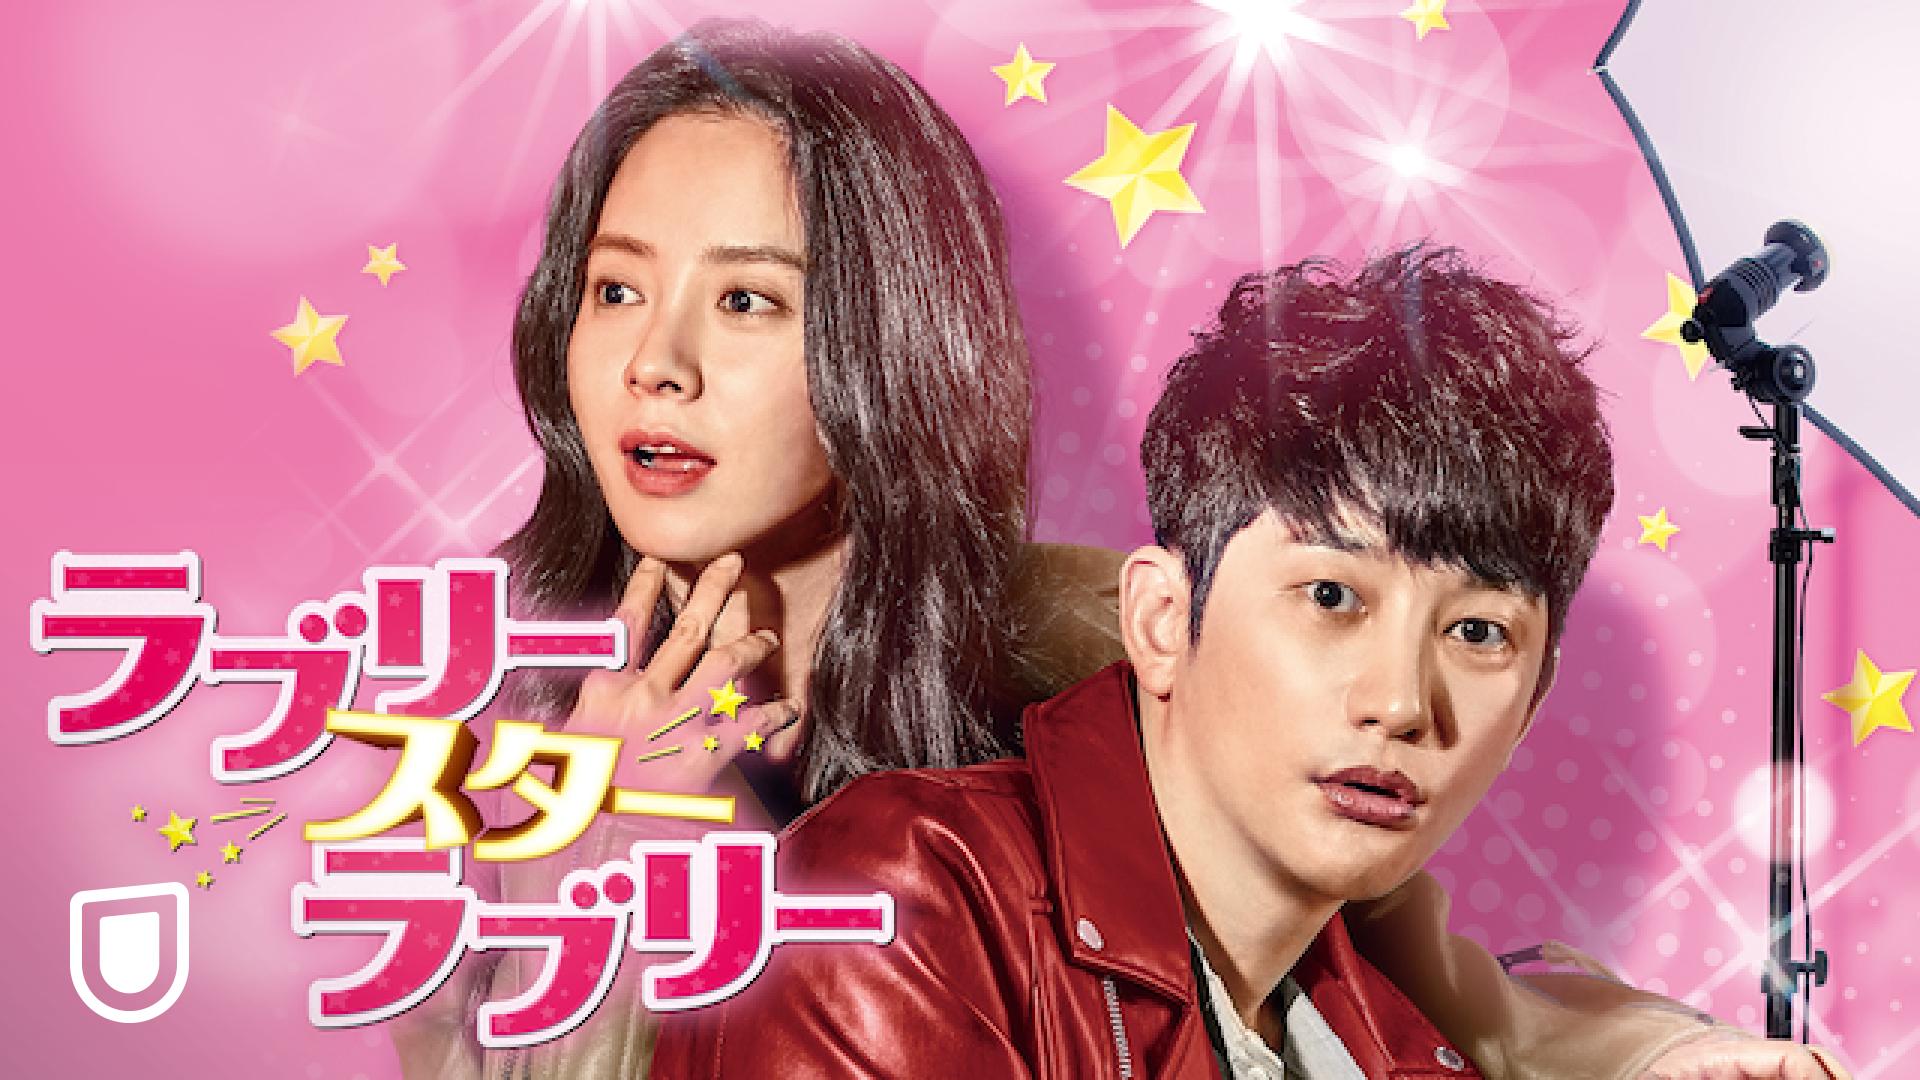 韓国ドラマ『ラブリー・スター・ラブリー』動画の無料視聴方法!日本語字幕を1話から最終回まで!あらすじと見どころ